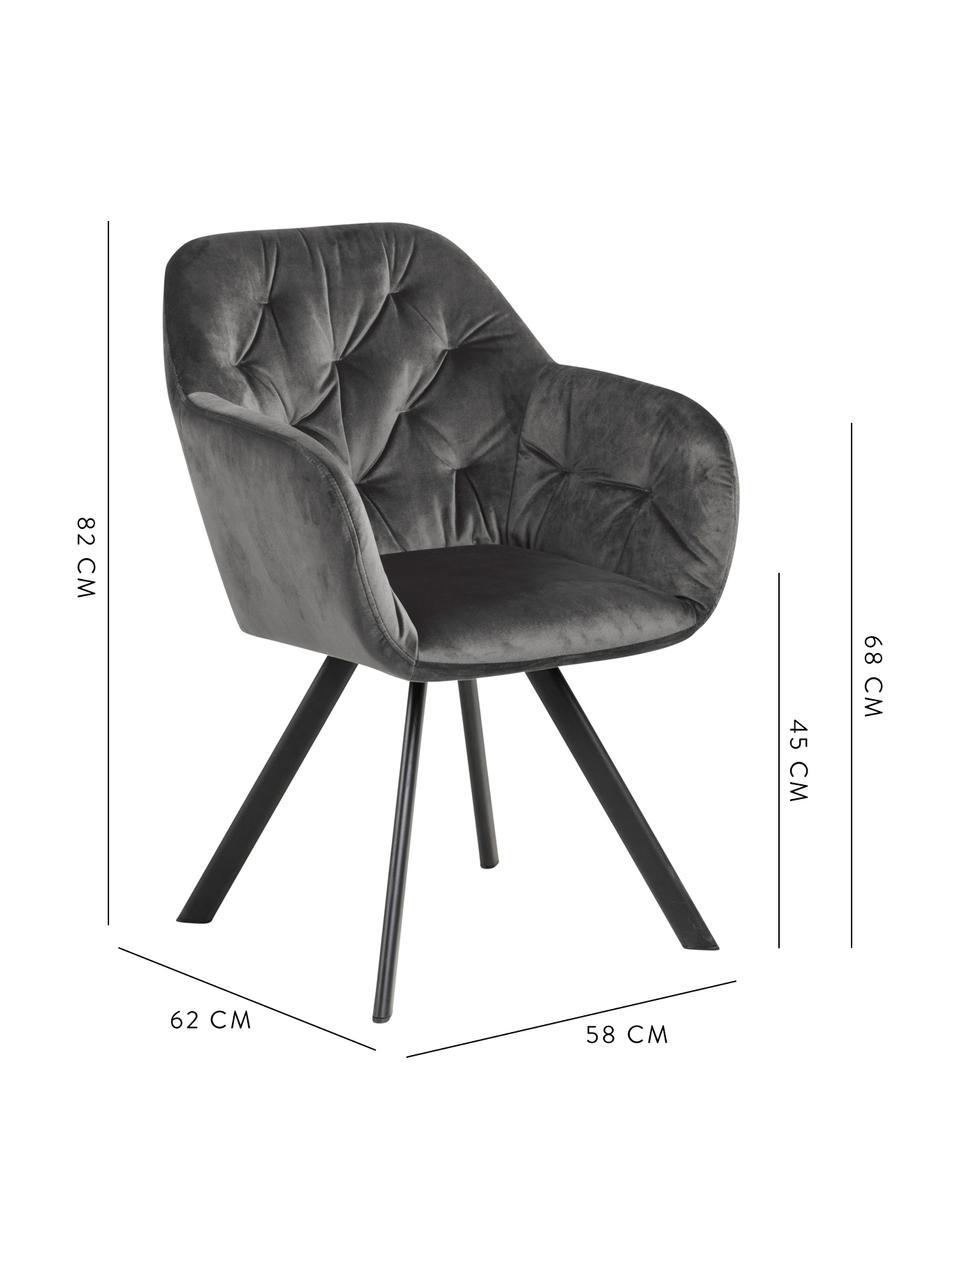 Krzesło obrotowy z aksamitu Lucie, Tapicerka: aksamit poliestrowy Dzięk, Nogi: metal malowany proszkowo, Aksamitny ciemny szary, S 58 x G 62 cm